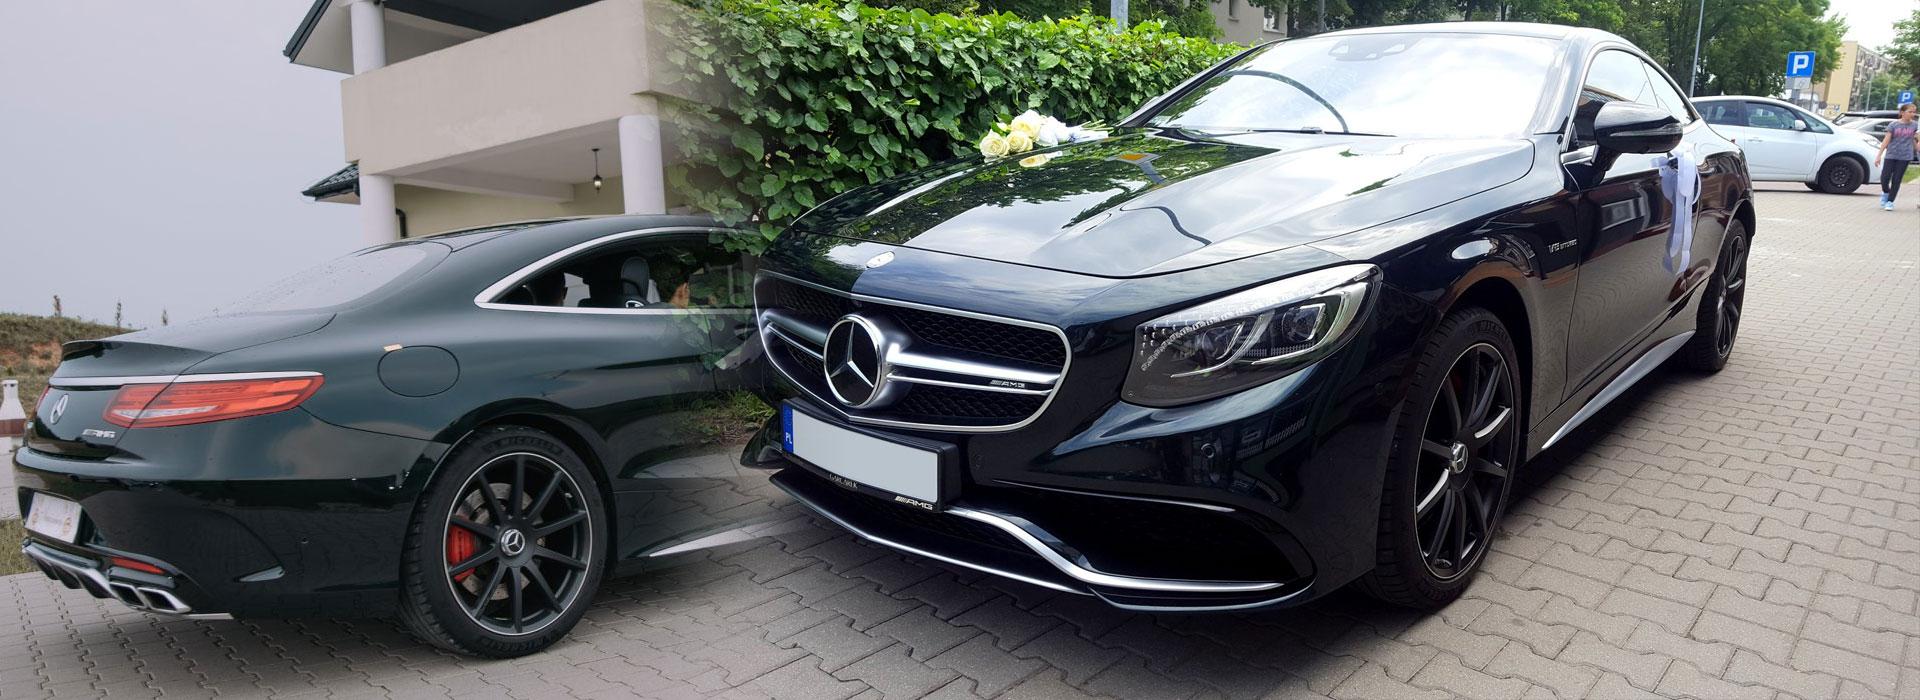 Turek - luksusowe